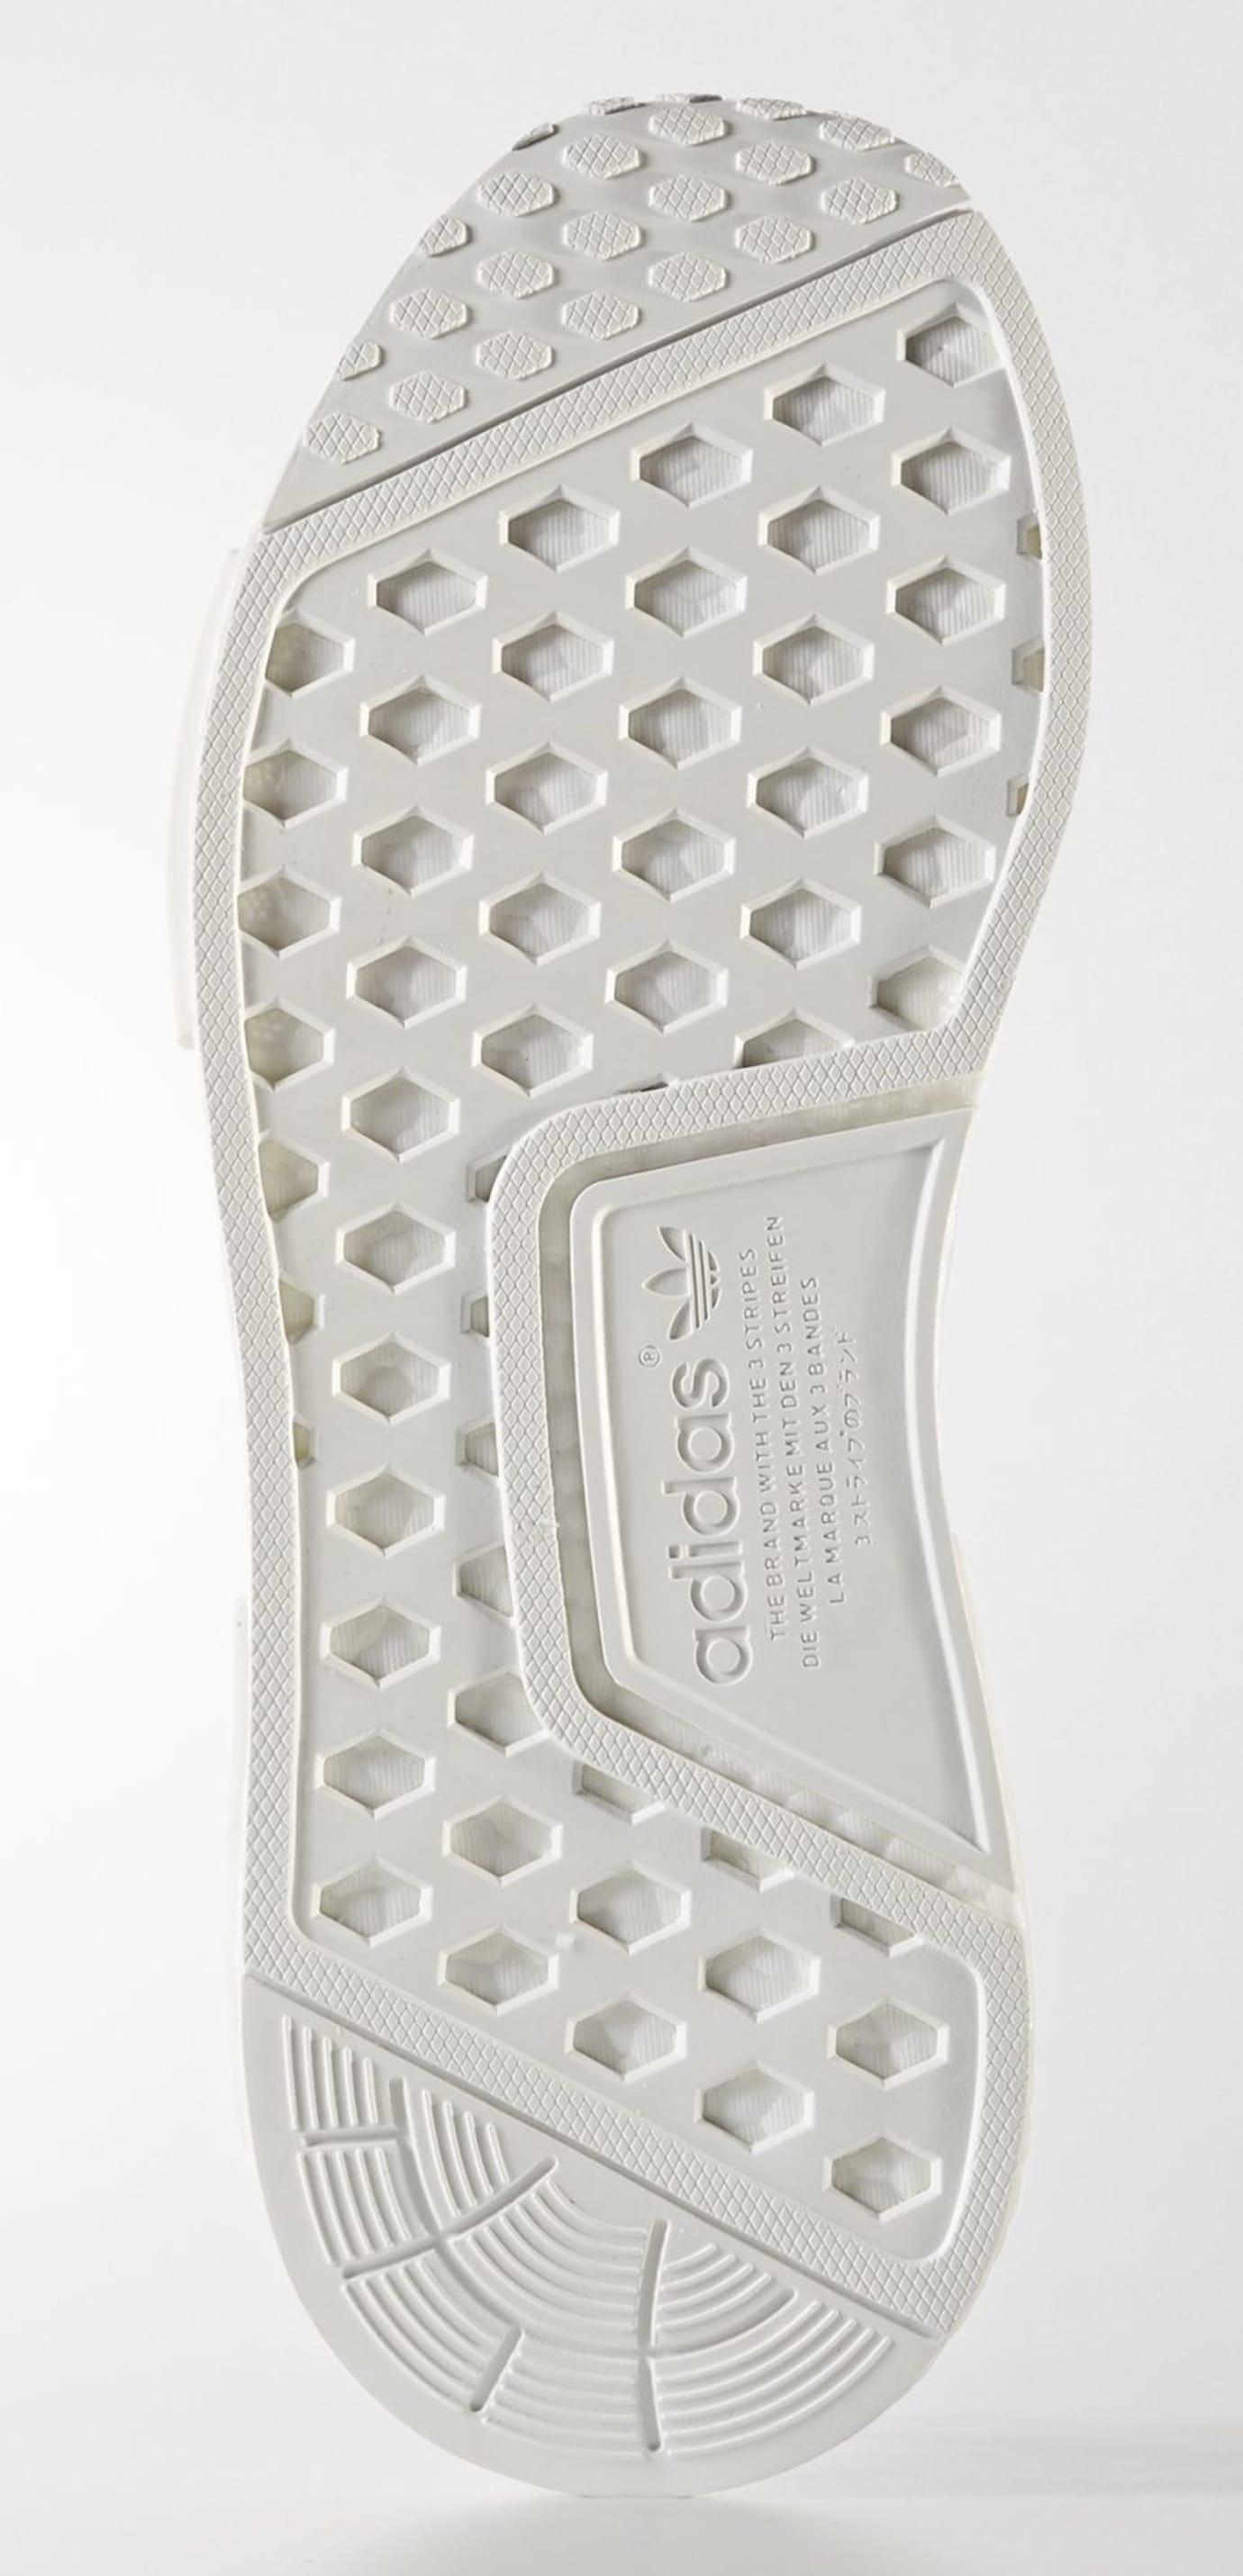 Adidas NMD_R1 Primeknit 'Japan Pack' Release Date,'Triple